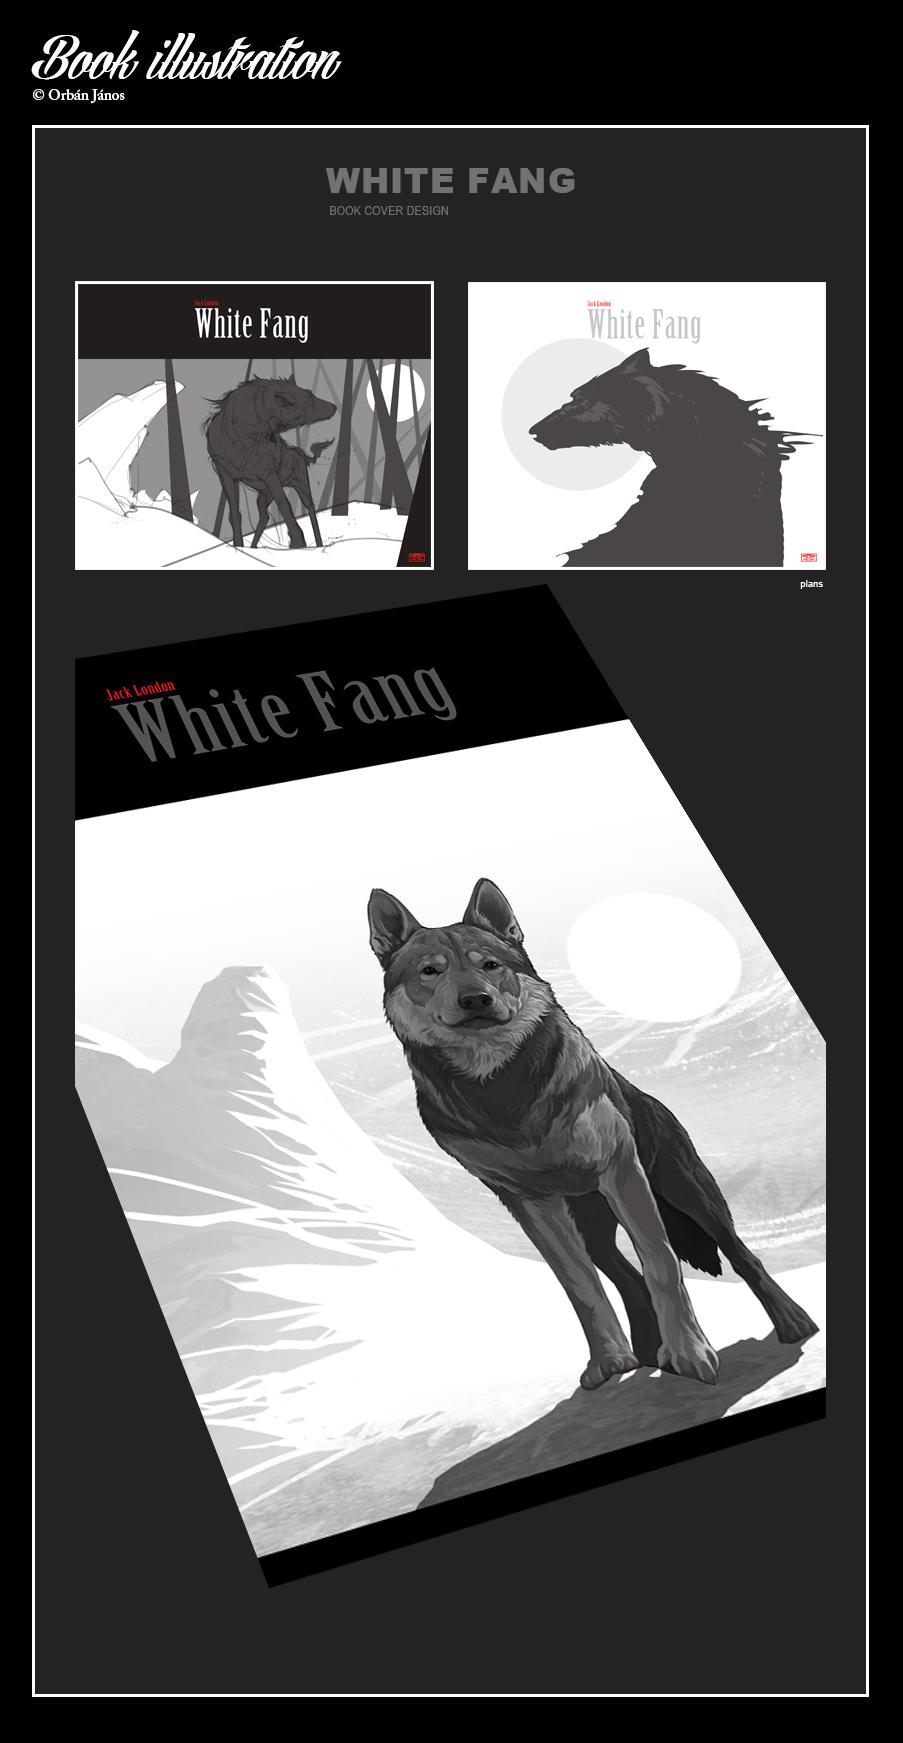 whitefang